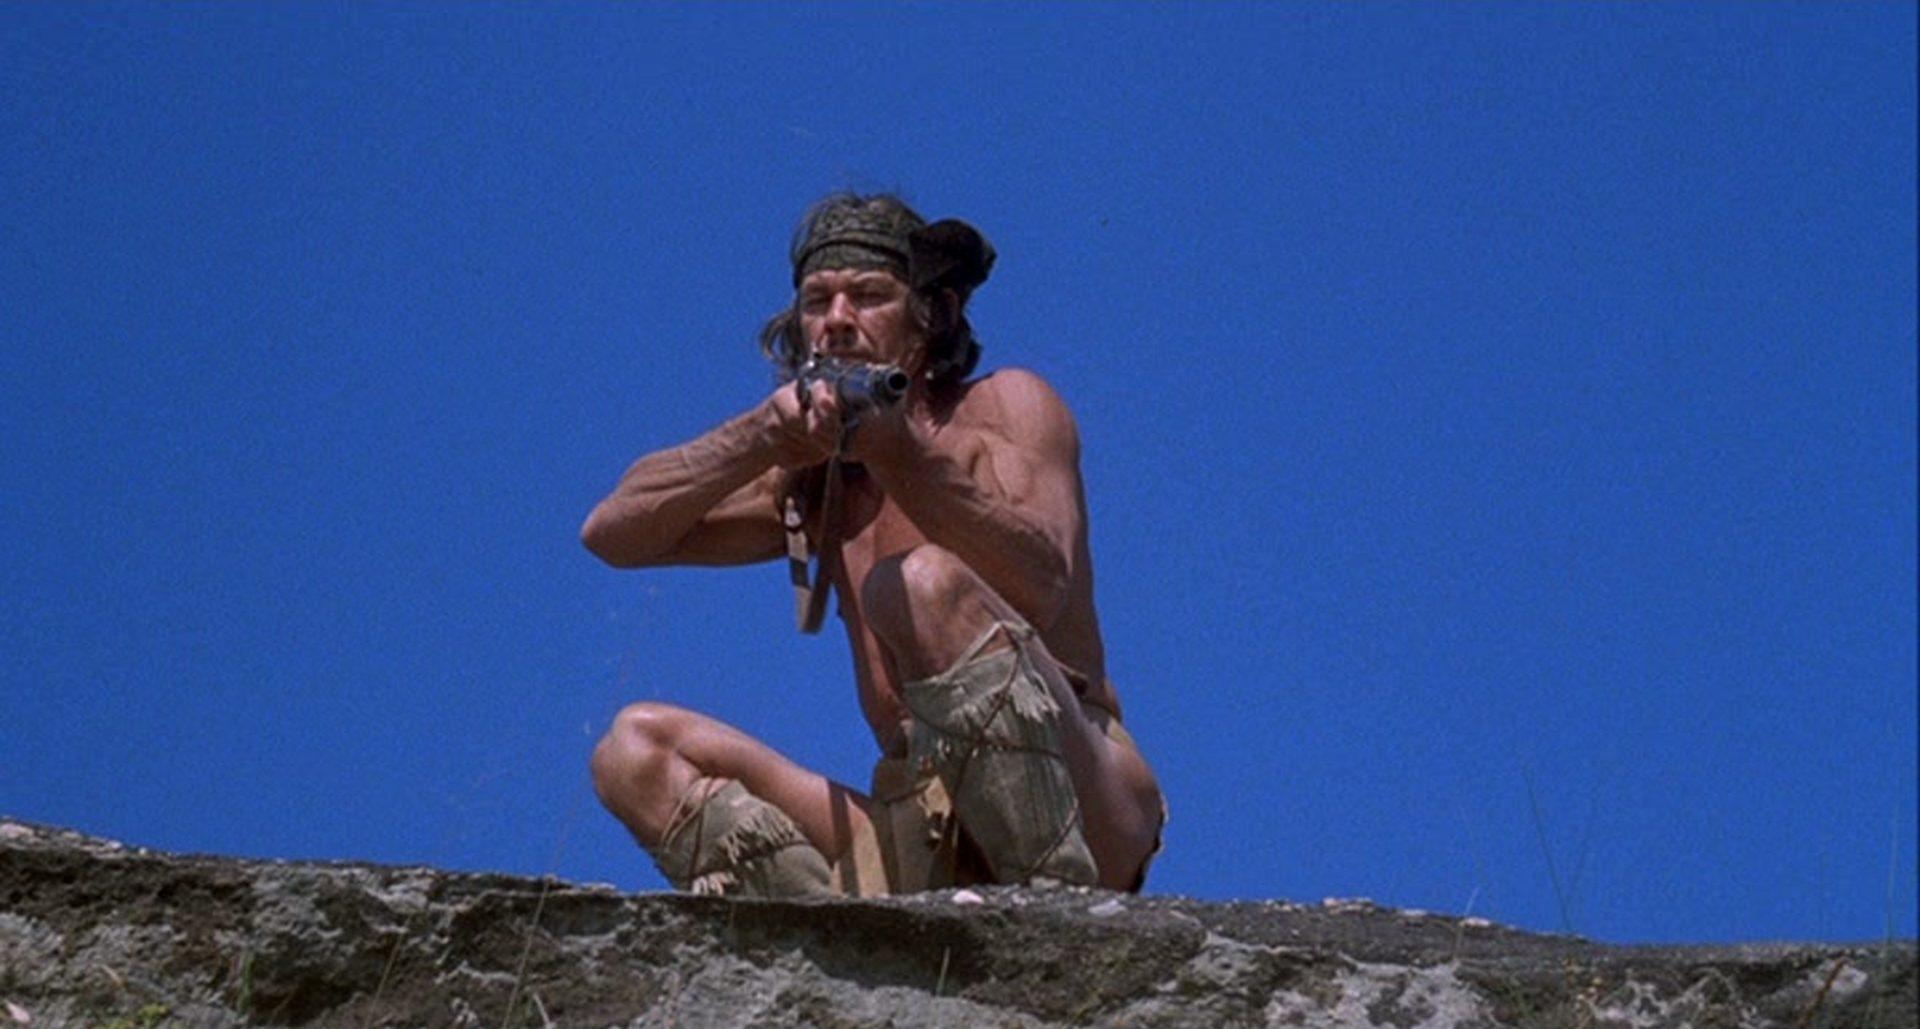 Charles Bronson als Chato vor blauem Himmel in kämpferischer Pose und mit Gewehr im Anschlag.